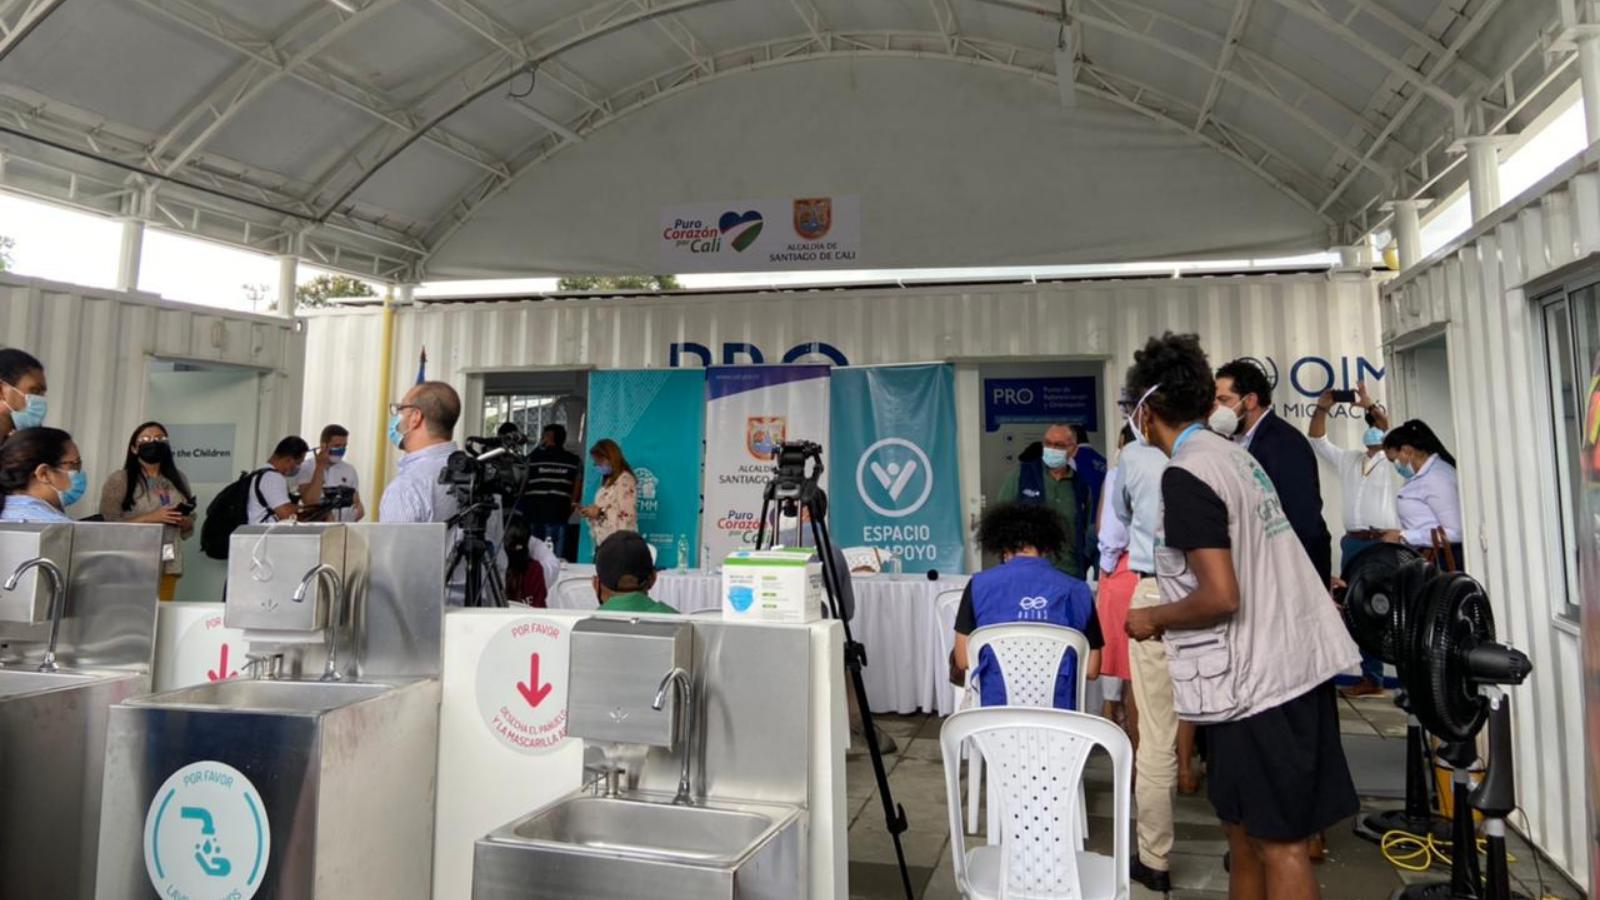 Inauguran centro de apoyo para migrantes y refugiados en terminal de Cali